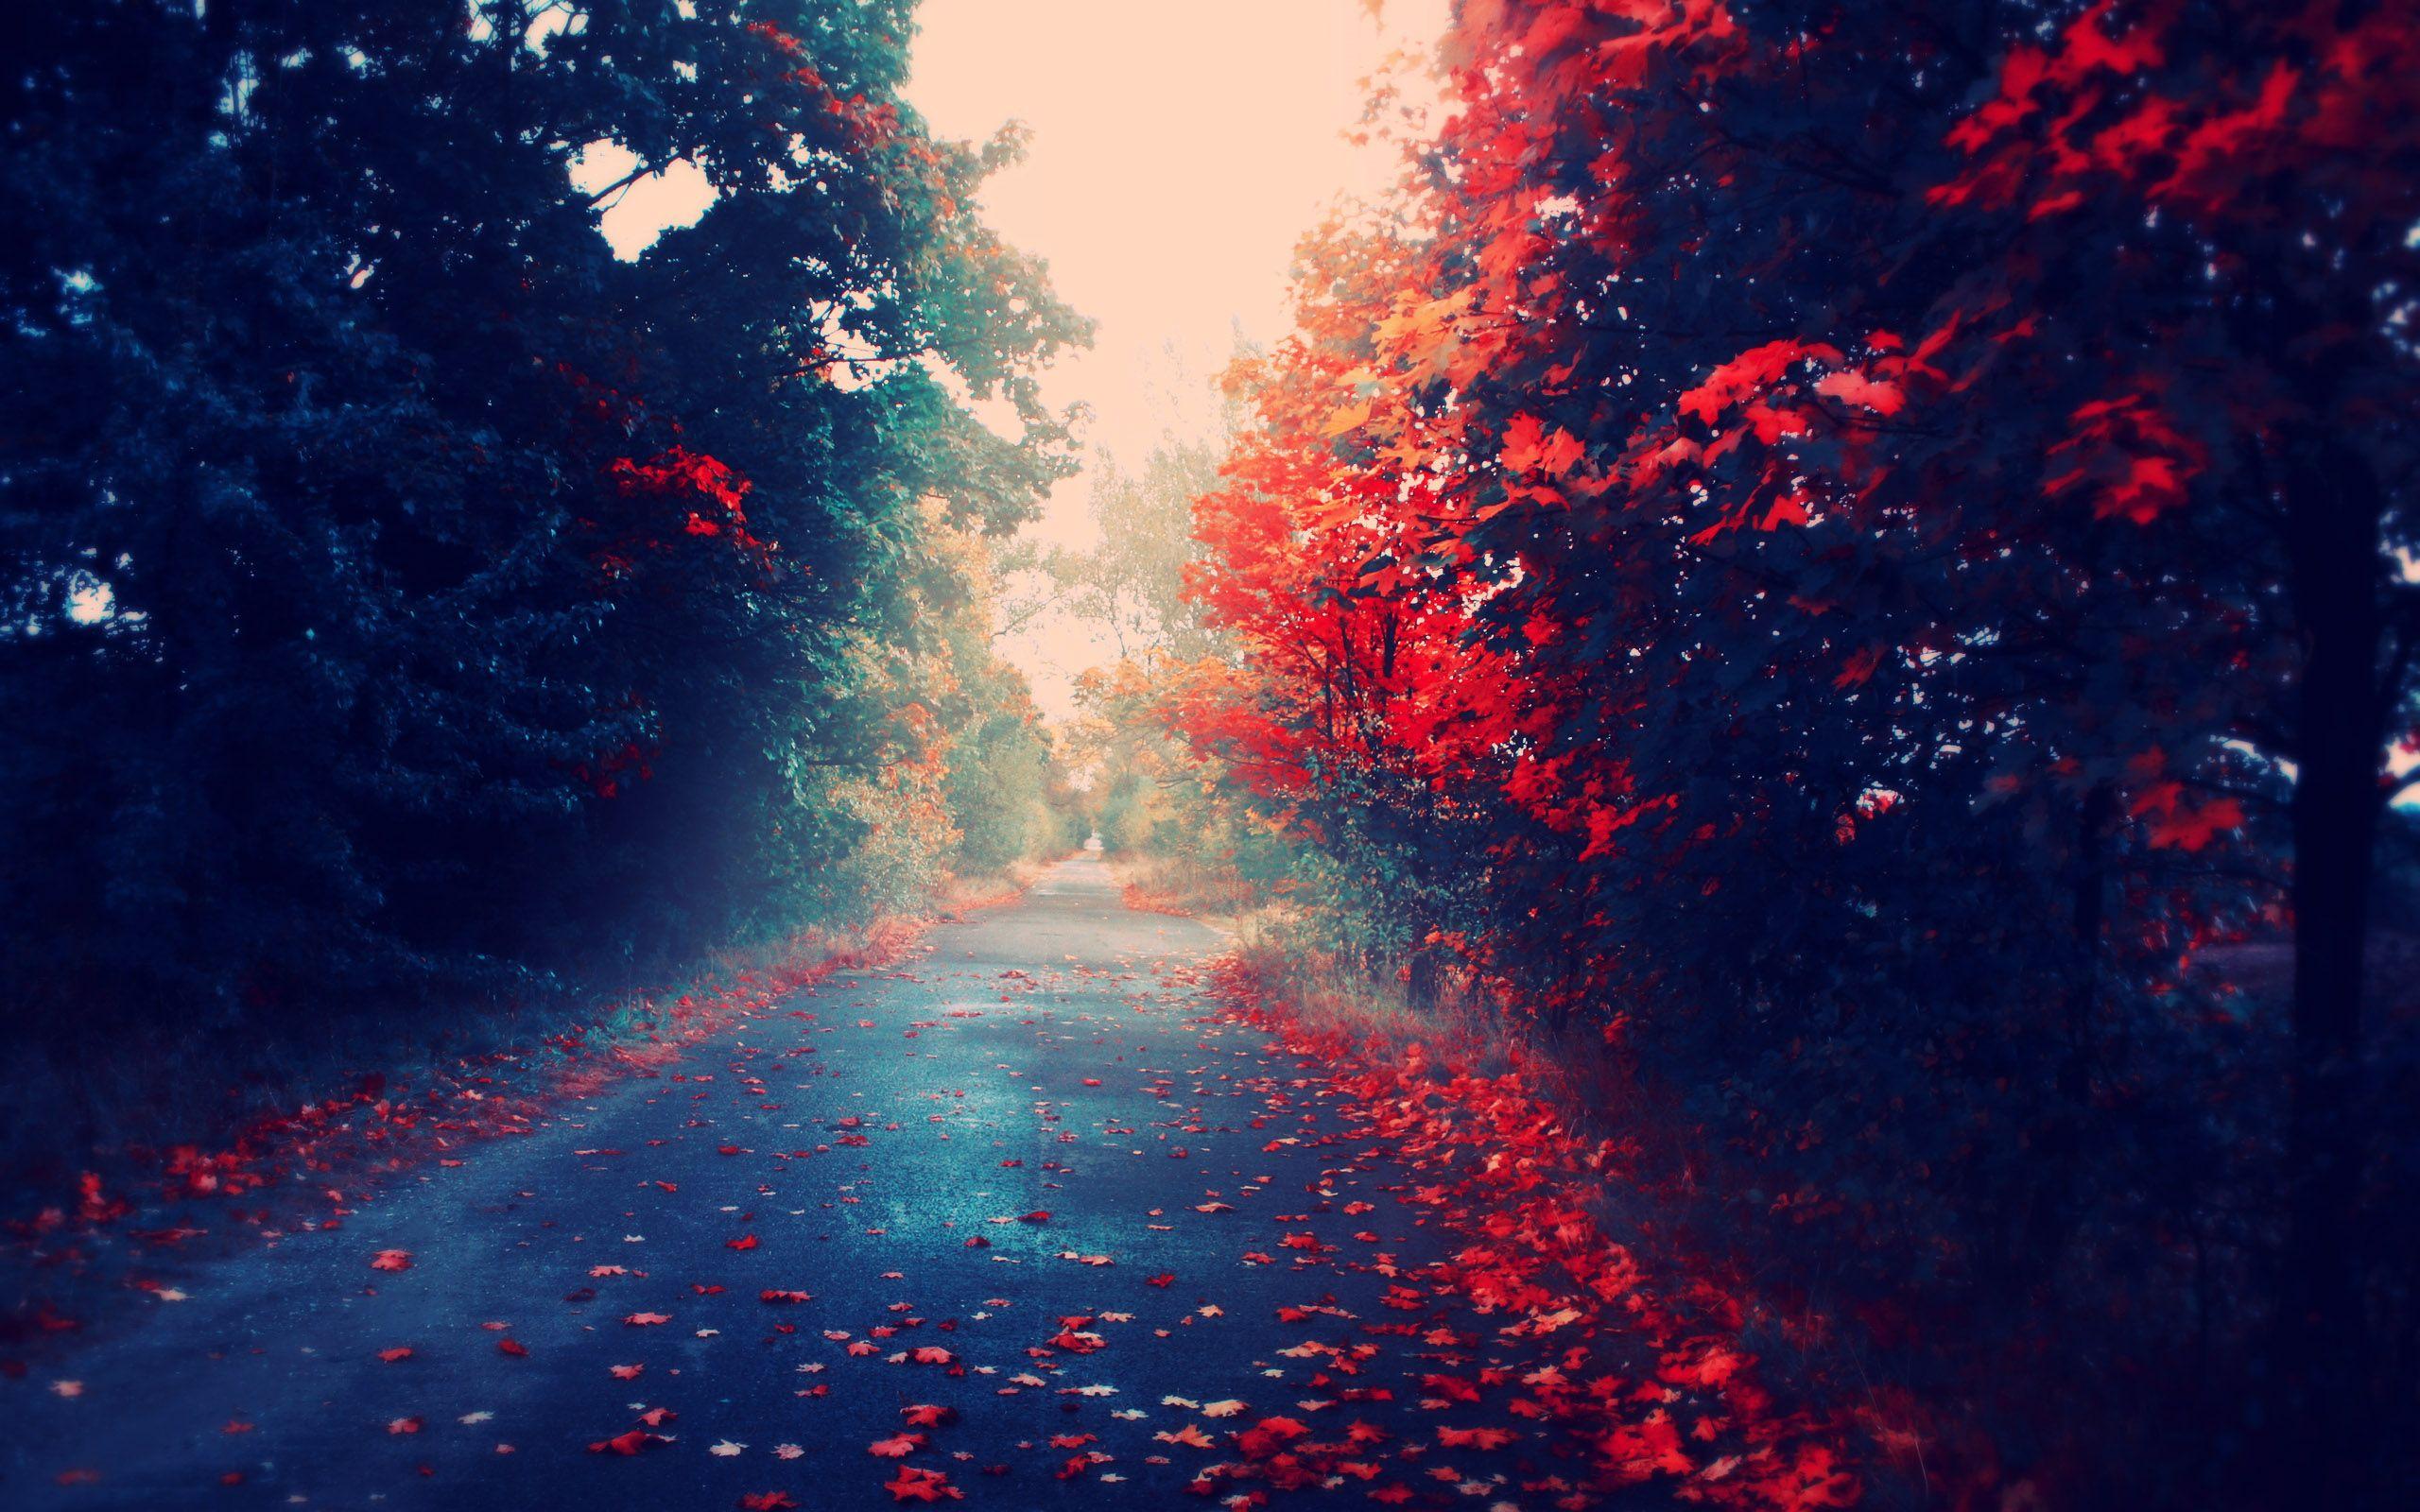 Beautiful Wallpaper Mac Autumn - 4d69e6c8f4e3a438626d6a76276da2ca  Pictures_91278.jpg